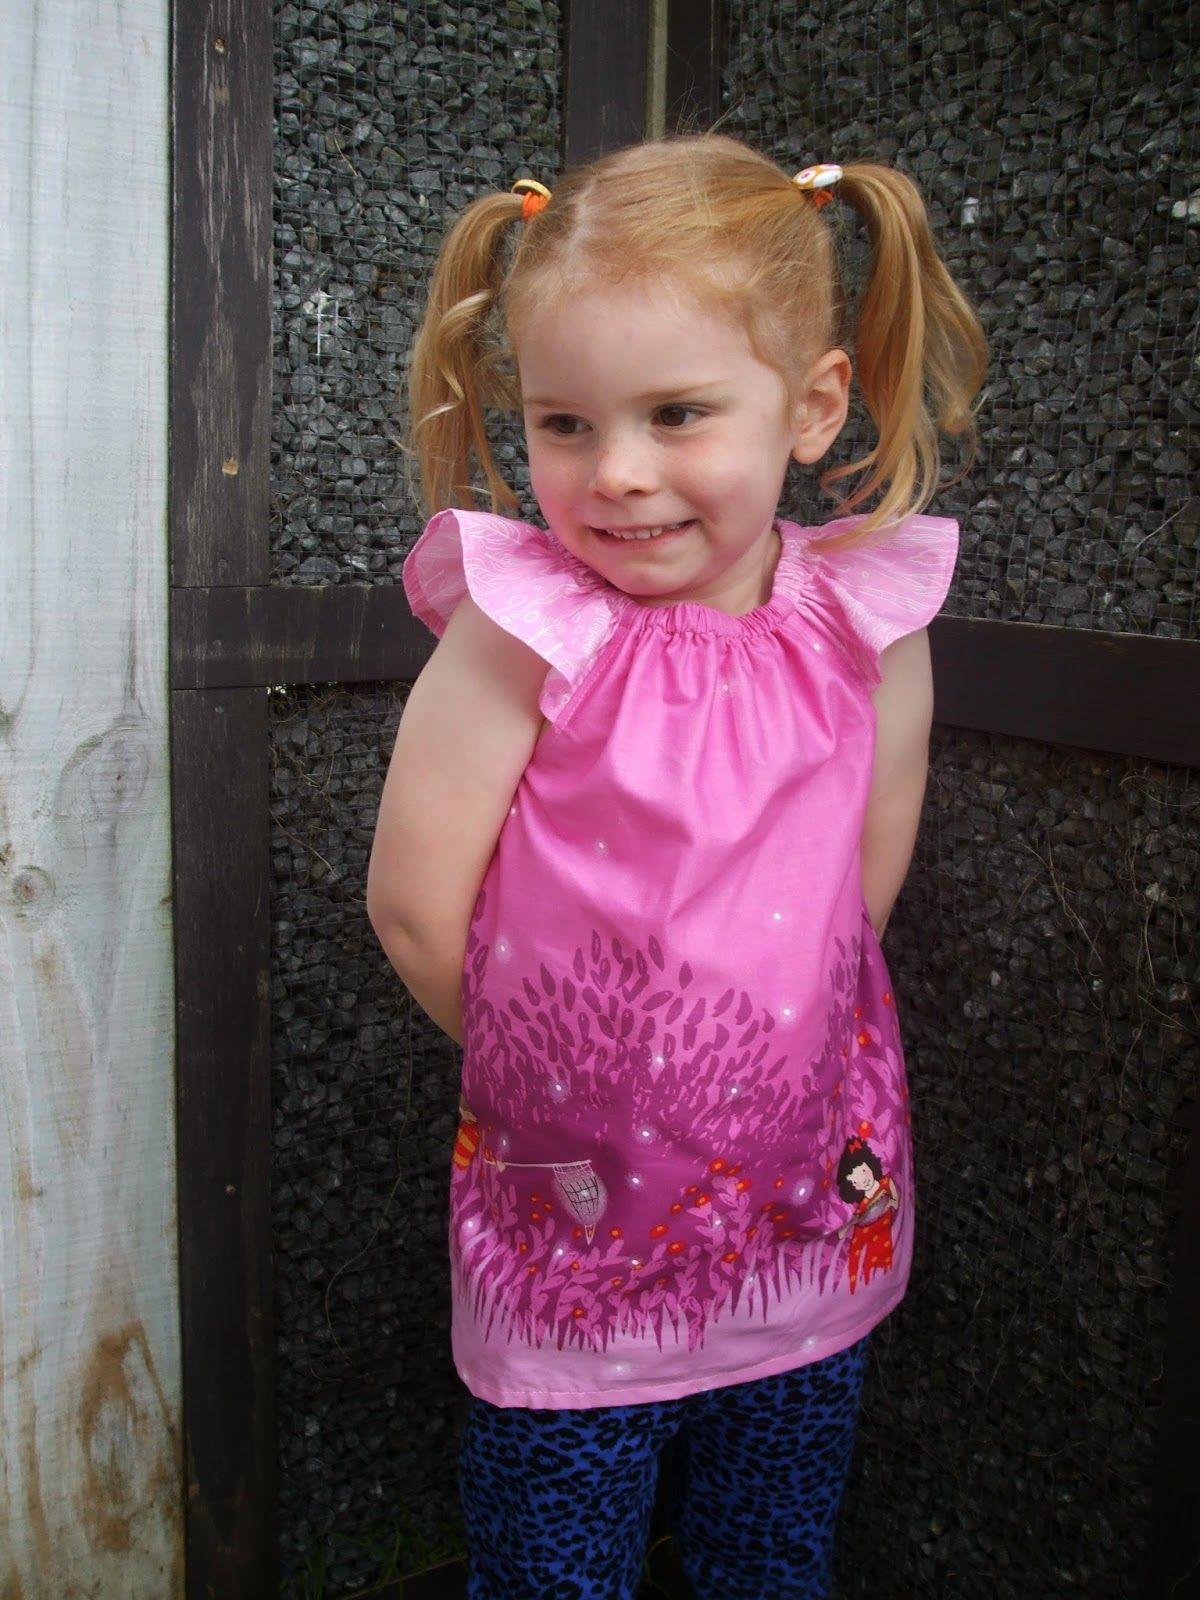 Flutterby Dress/Top from LittleKiwisCloset